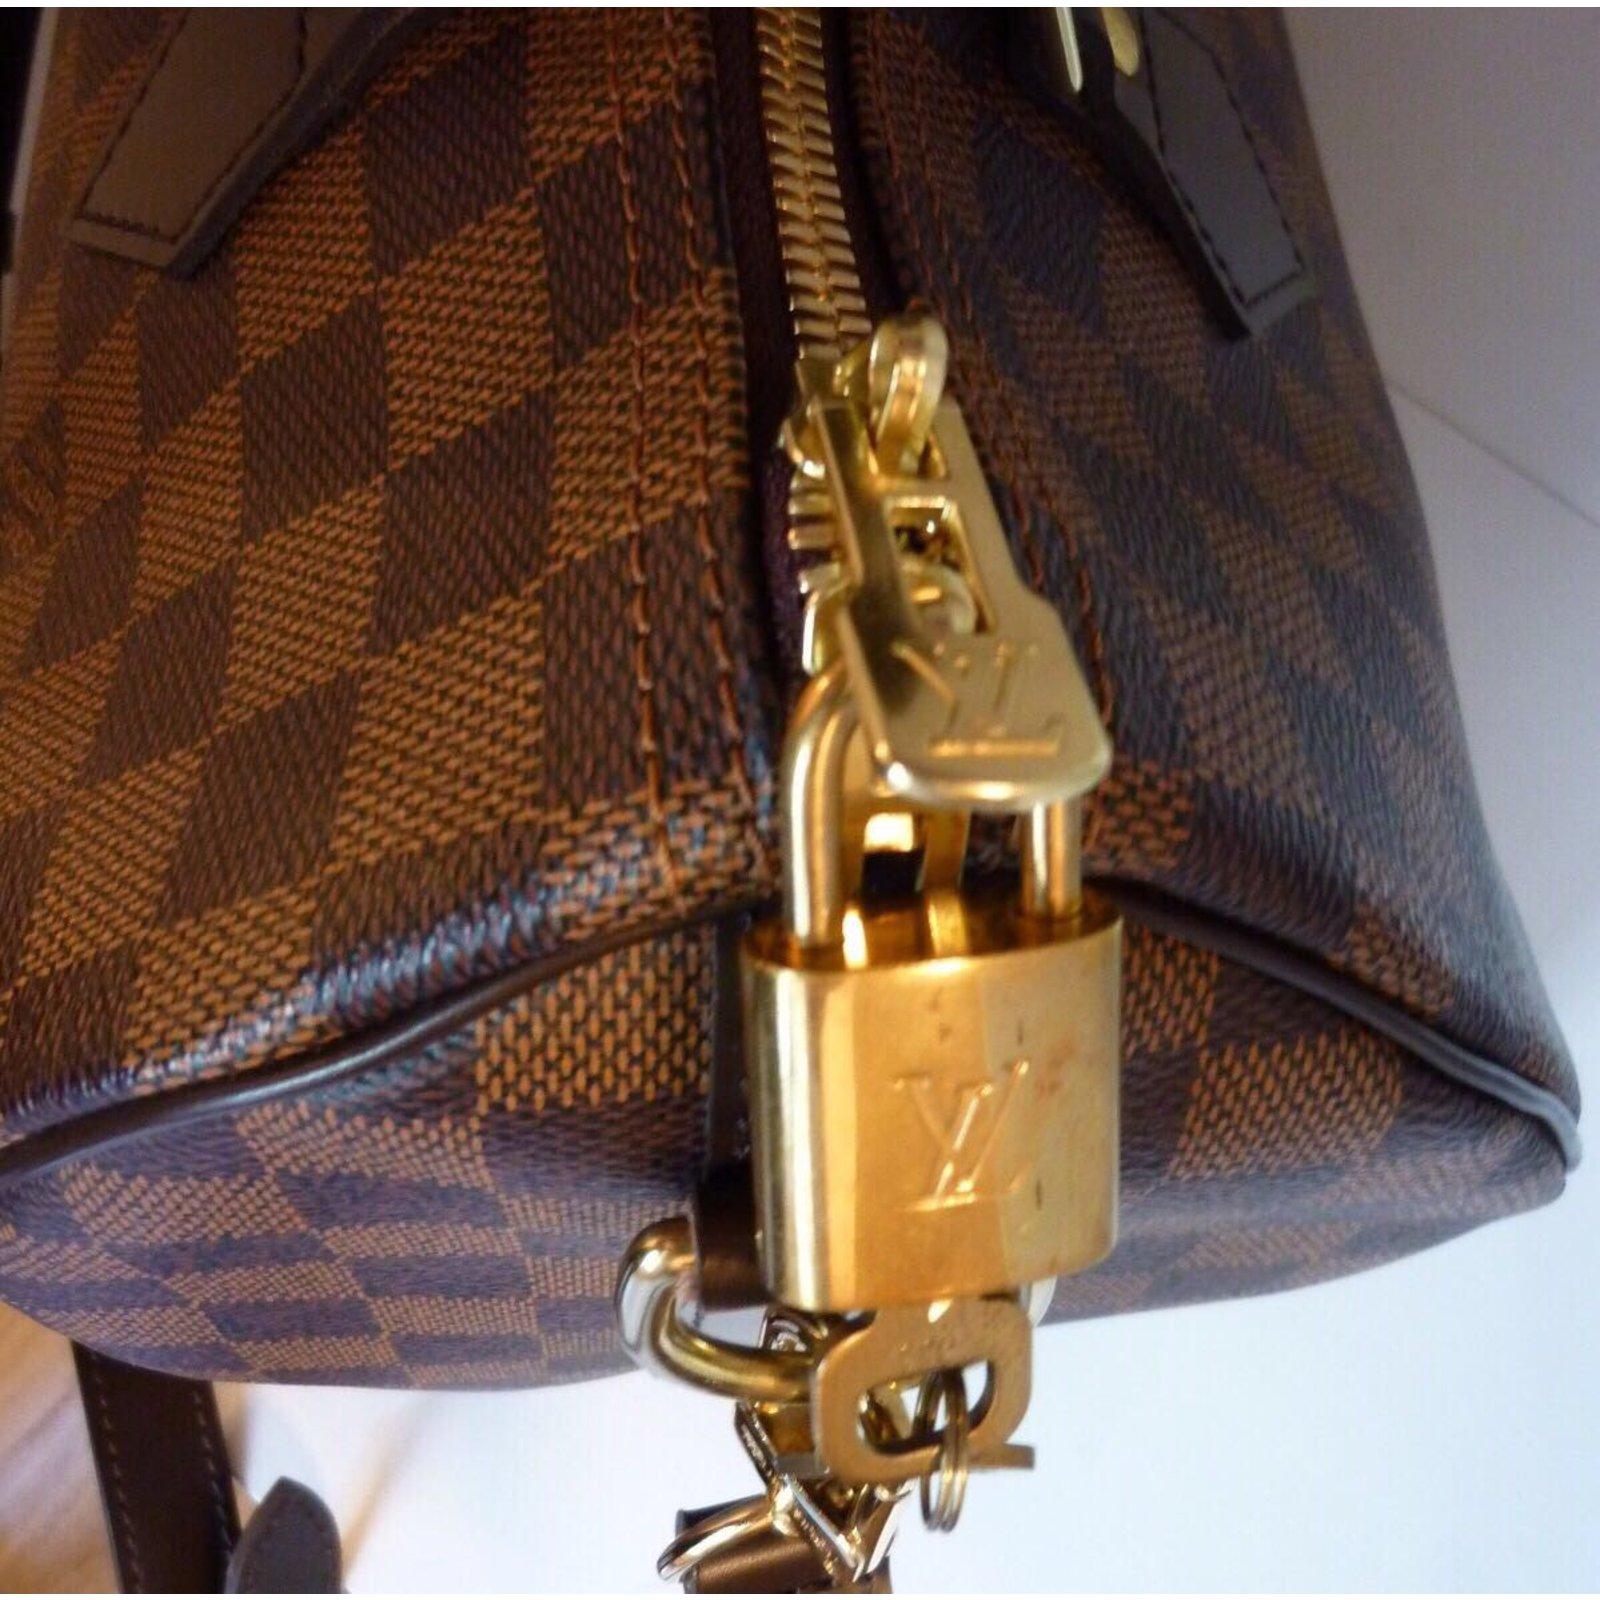 4a38d112a3 Sacs à main Louis Vuitton Superbe Sac Louis Vuitton Speedy 30 à bandoulière  à damier ébène ! Cuir,Toile Marron ref.46768 - Joli Closet